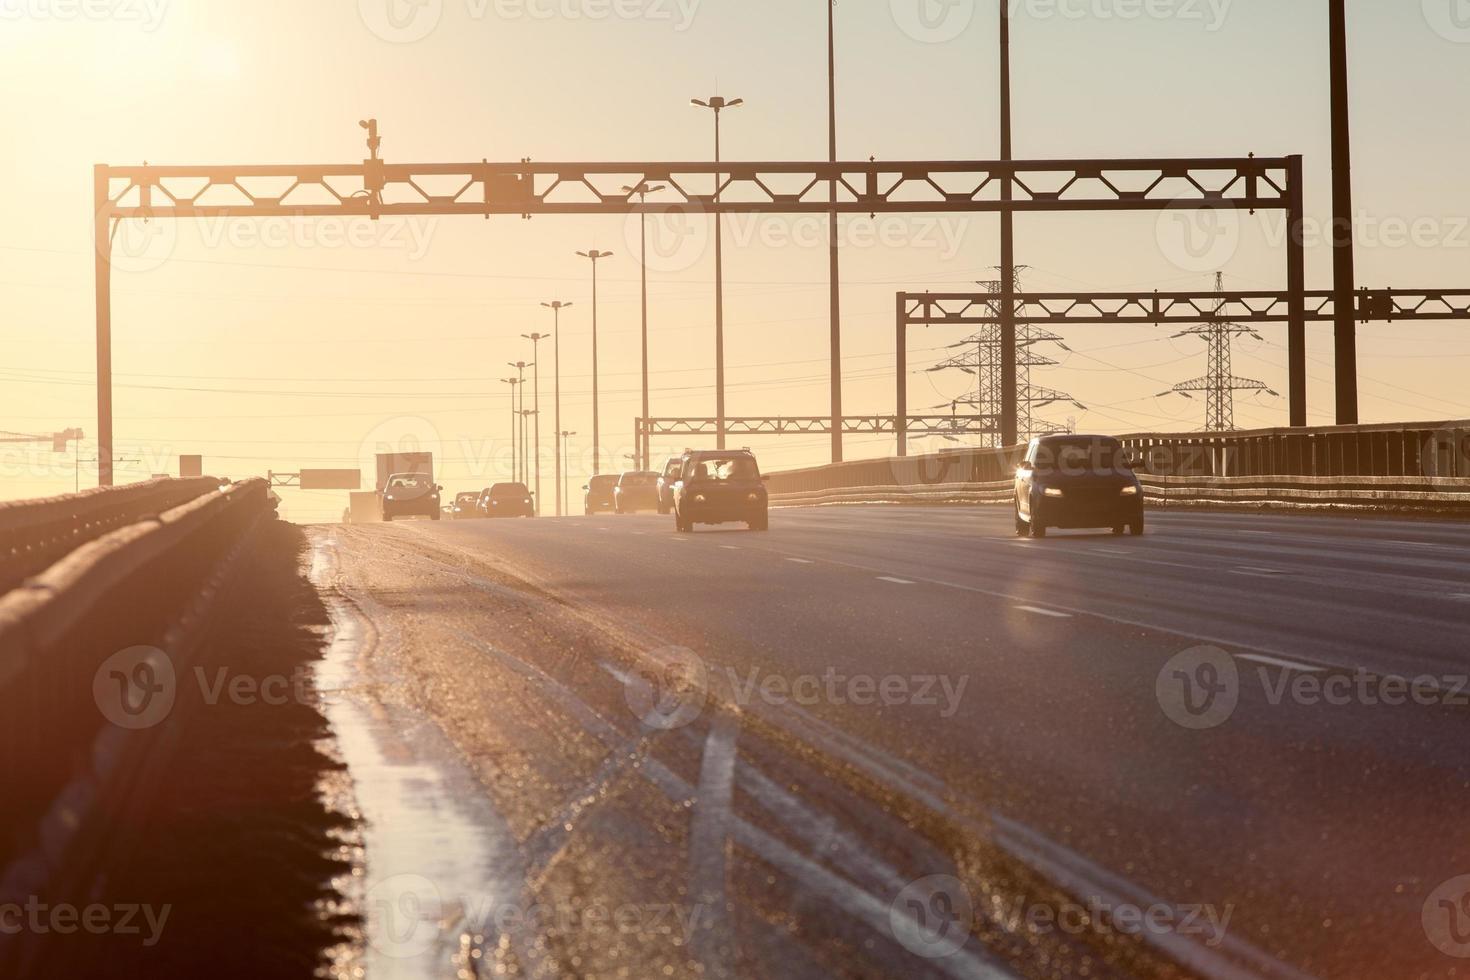 tangenziale della città al tramonto con sagome di veicoli alla guida foto